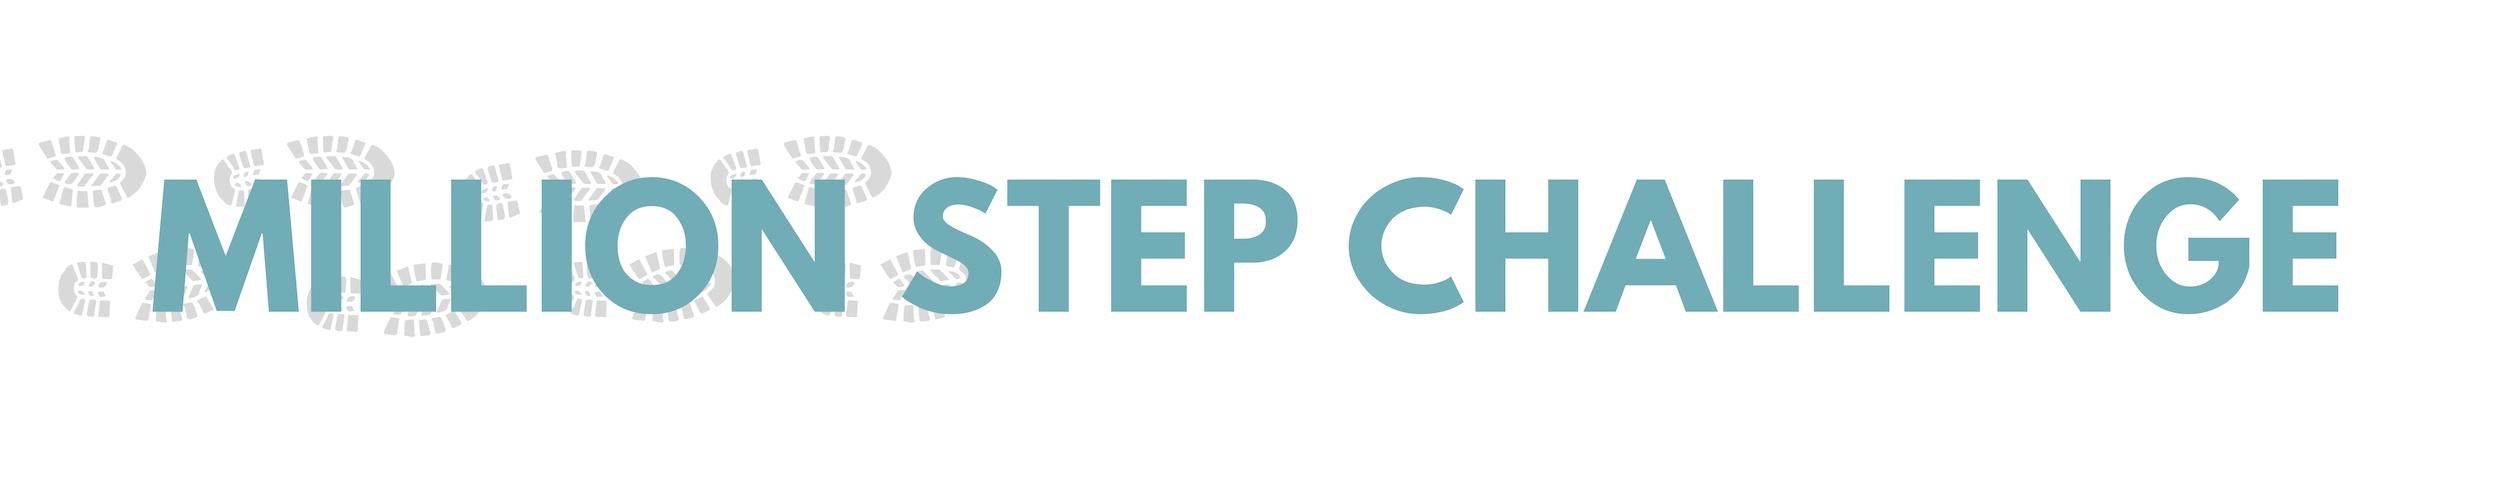 MILLION+STEP+CHALLENGE+%283%29.jpg